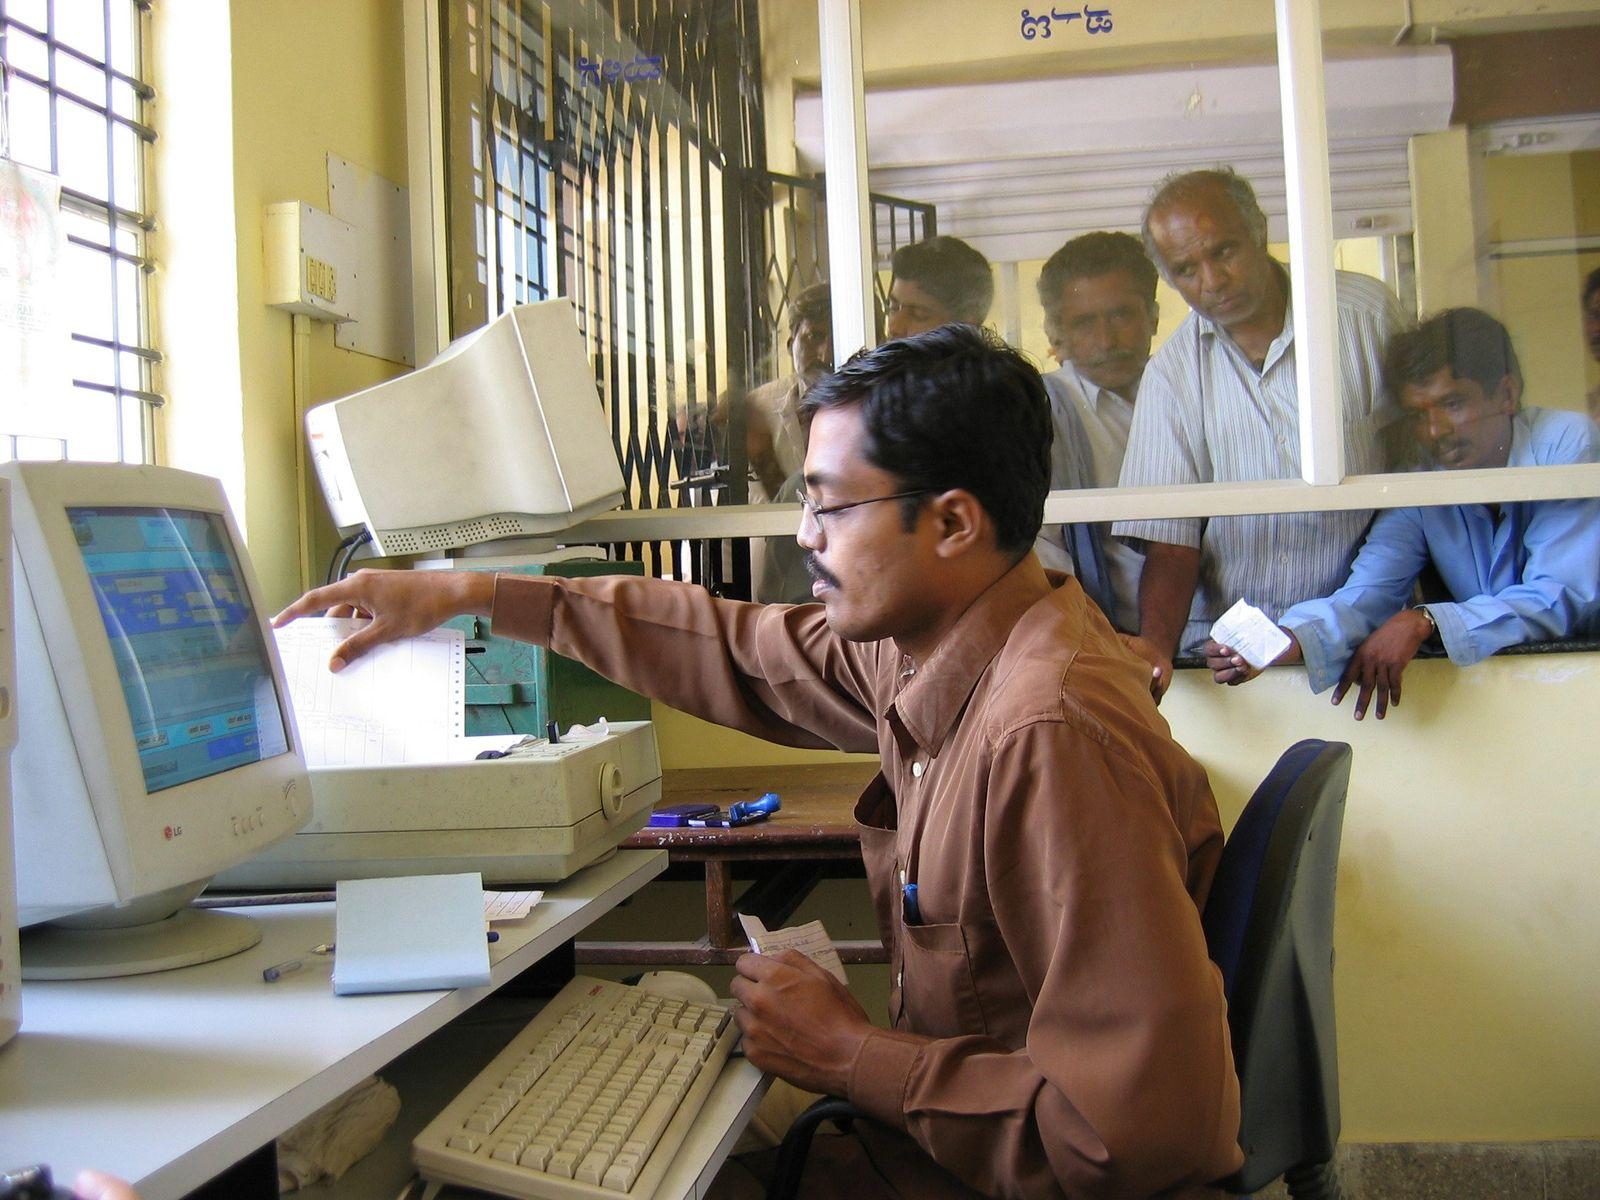 Indien/ Beamte/ Computer